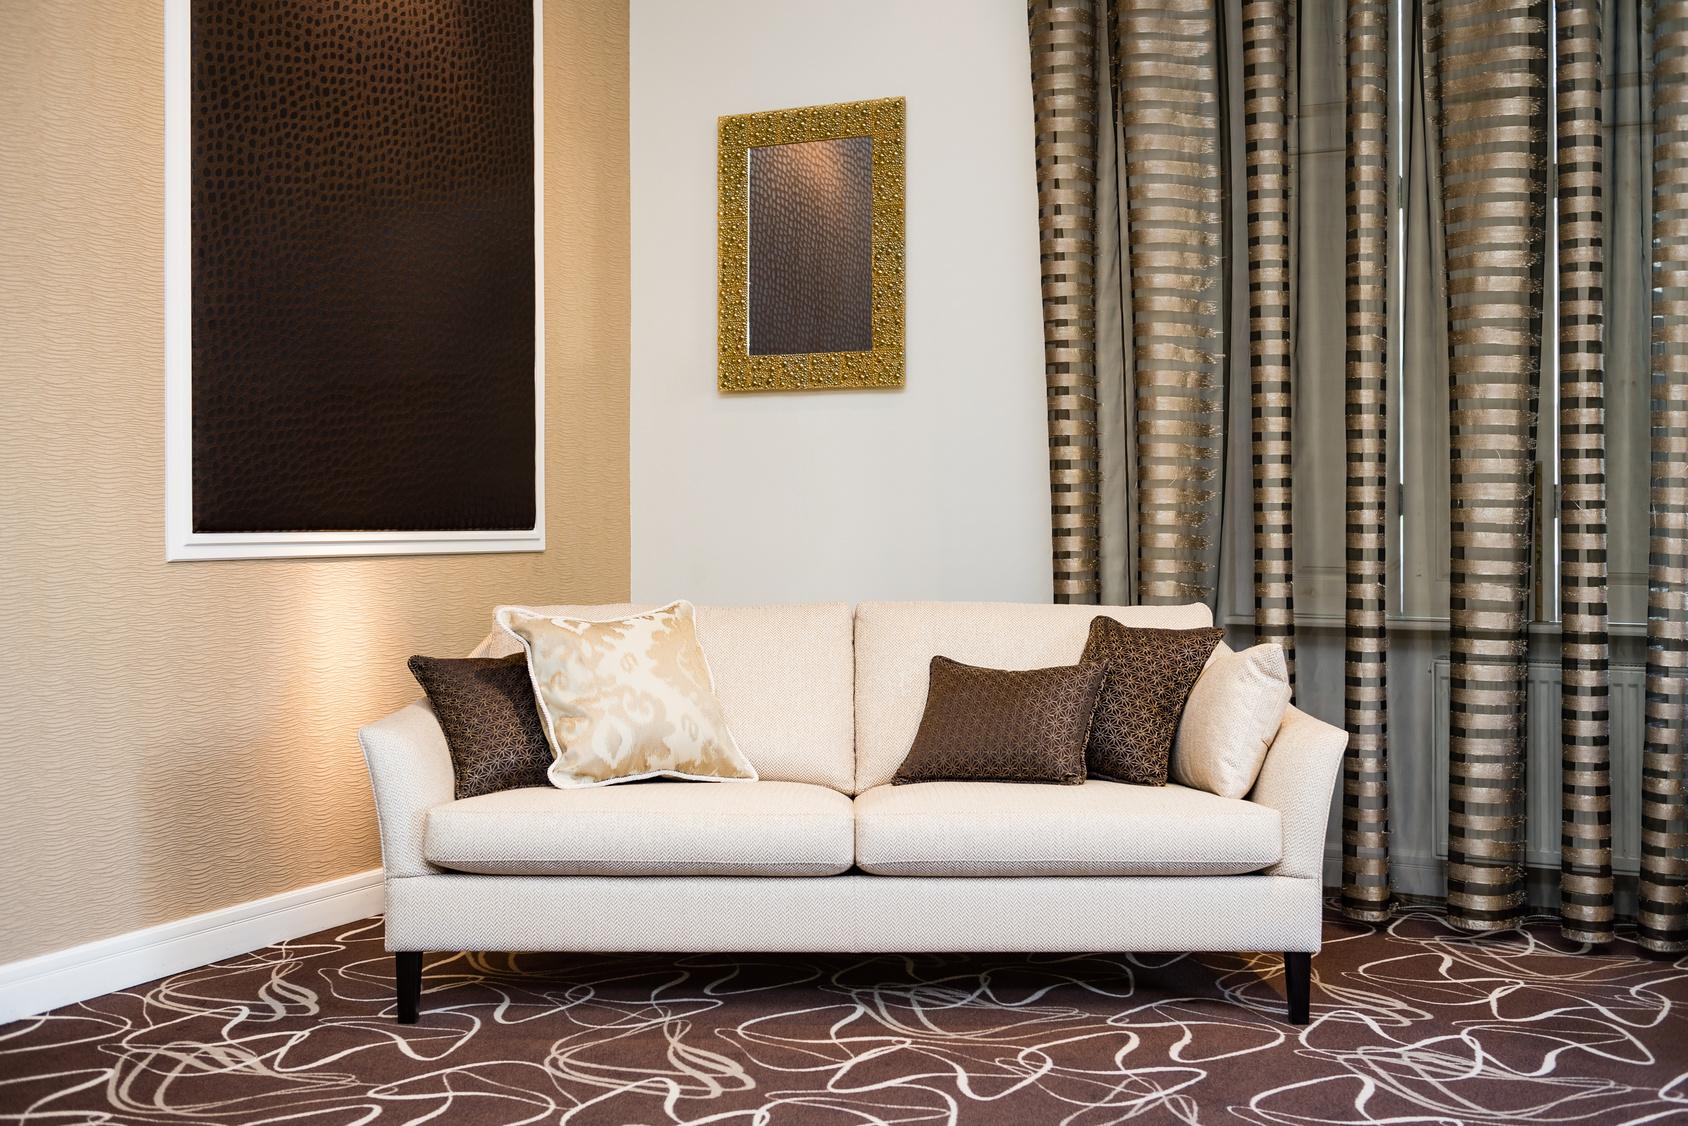 Gardinen: 6 Ideen für das Wohnzimmer